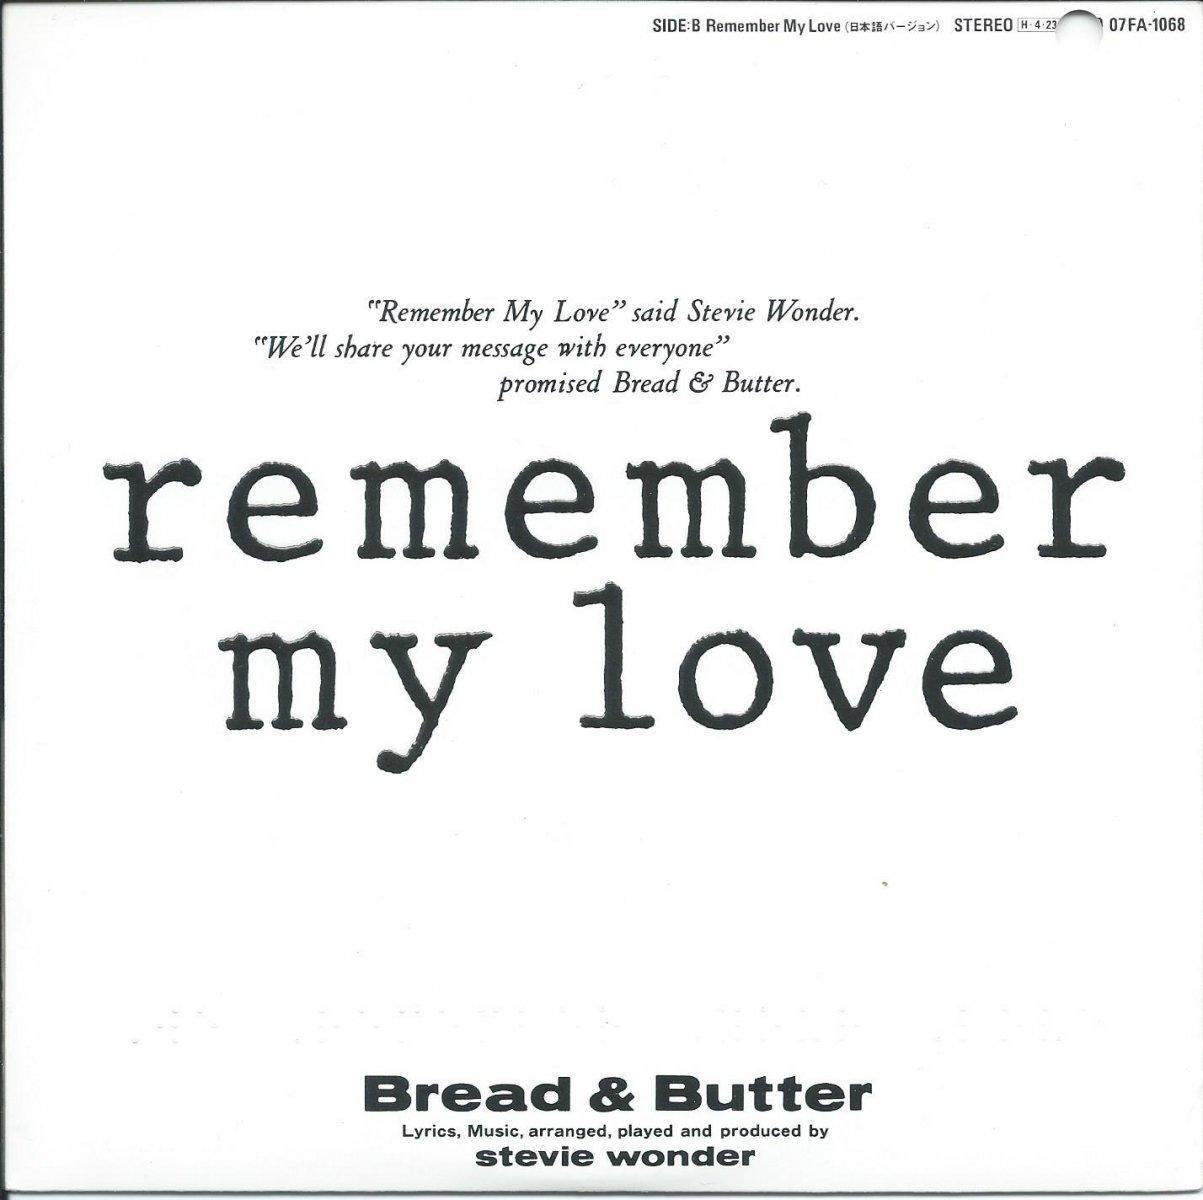 ブレッド アンド バター BREAD & BUTTER / リメンバー・マイ・ラブREMEMBER MY LOVE (7